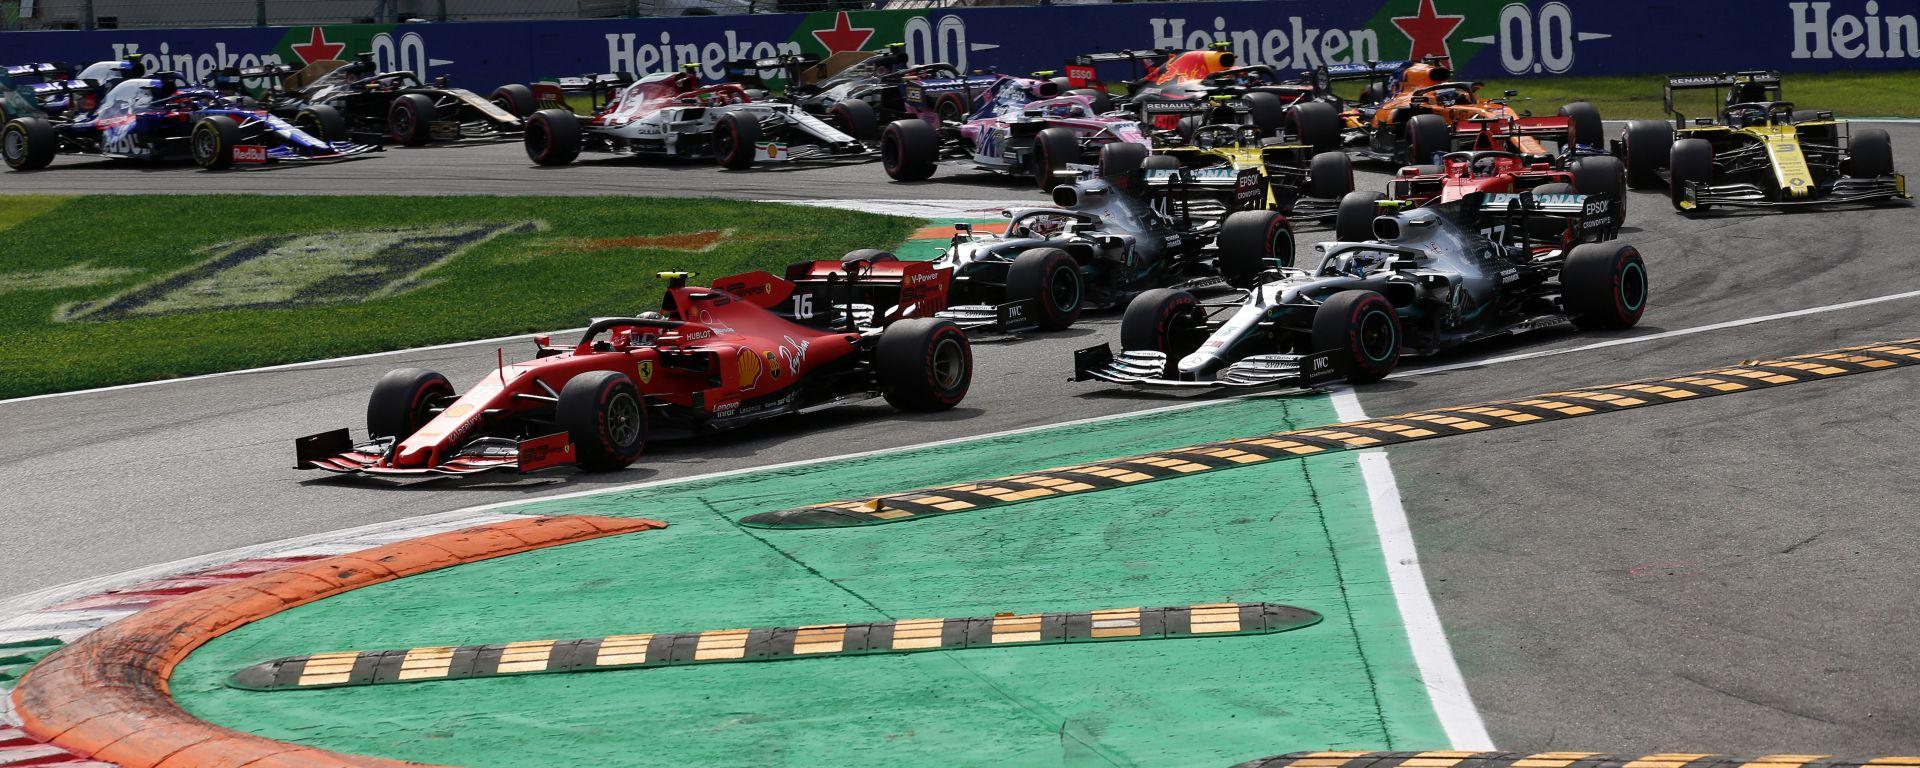 F1 GP Italia 2019, Monza: la partenza